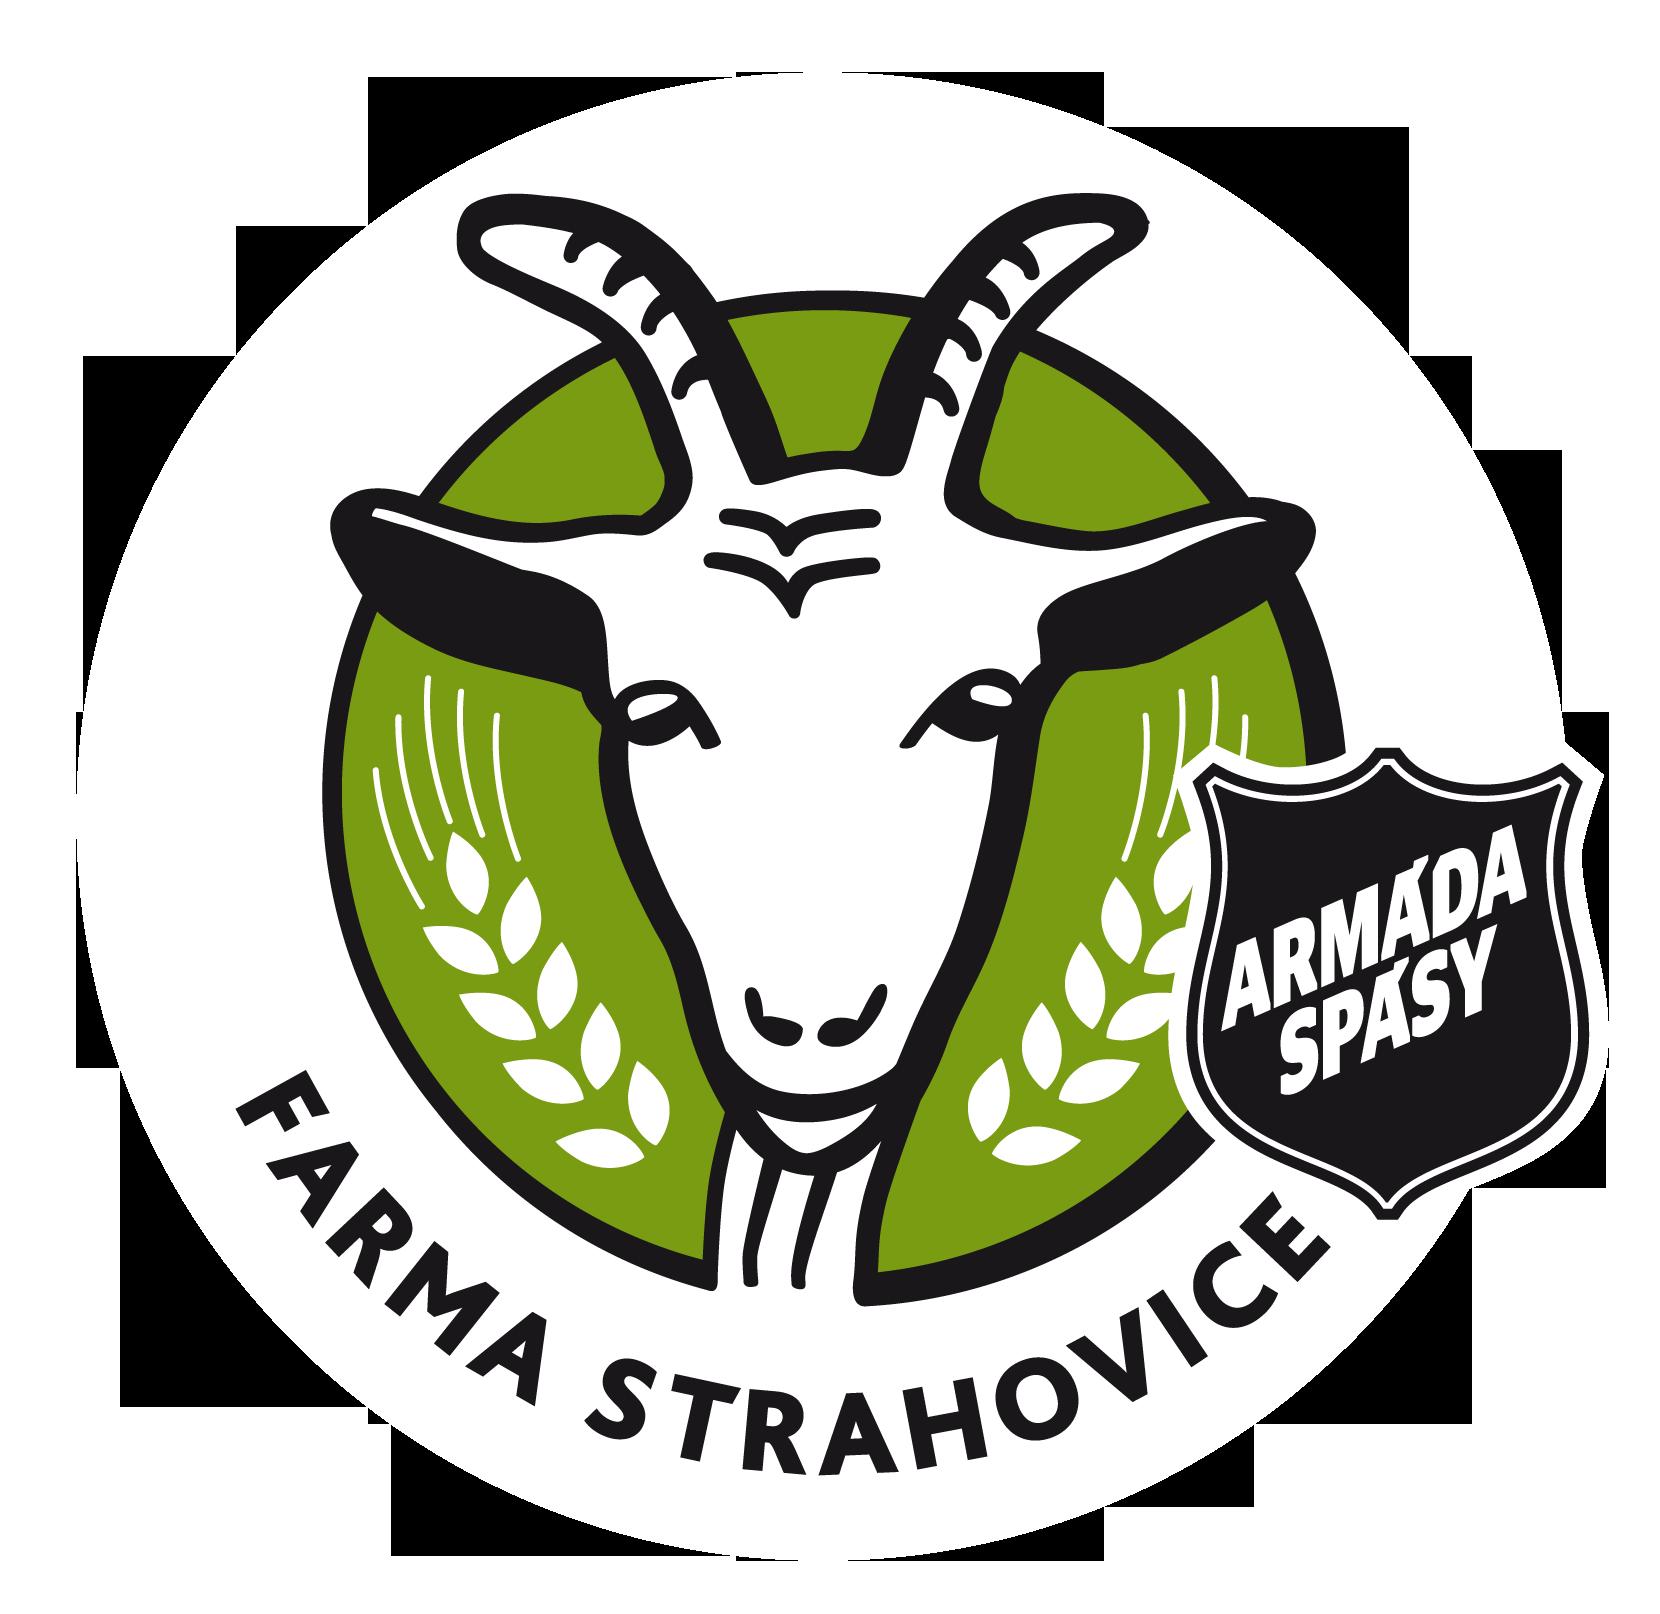 farma strahovice-logo